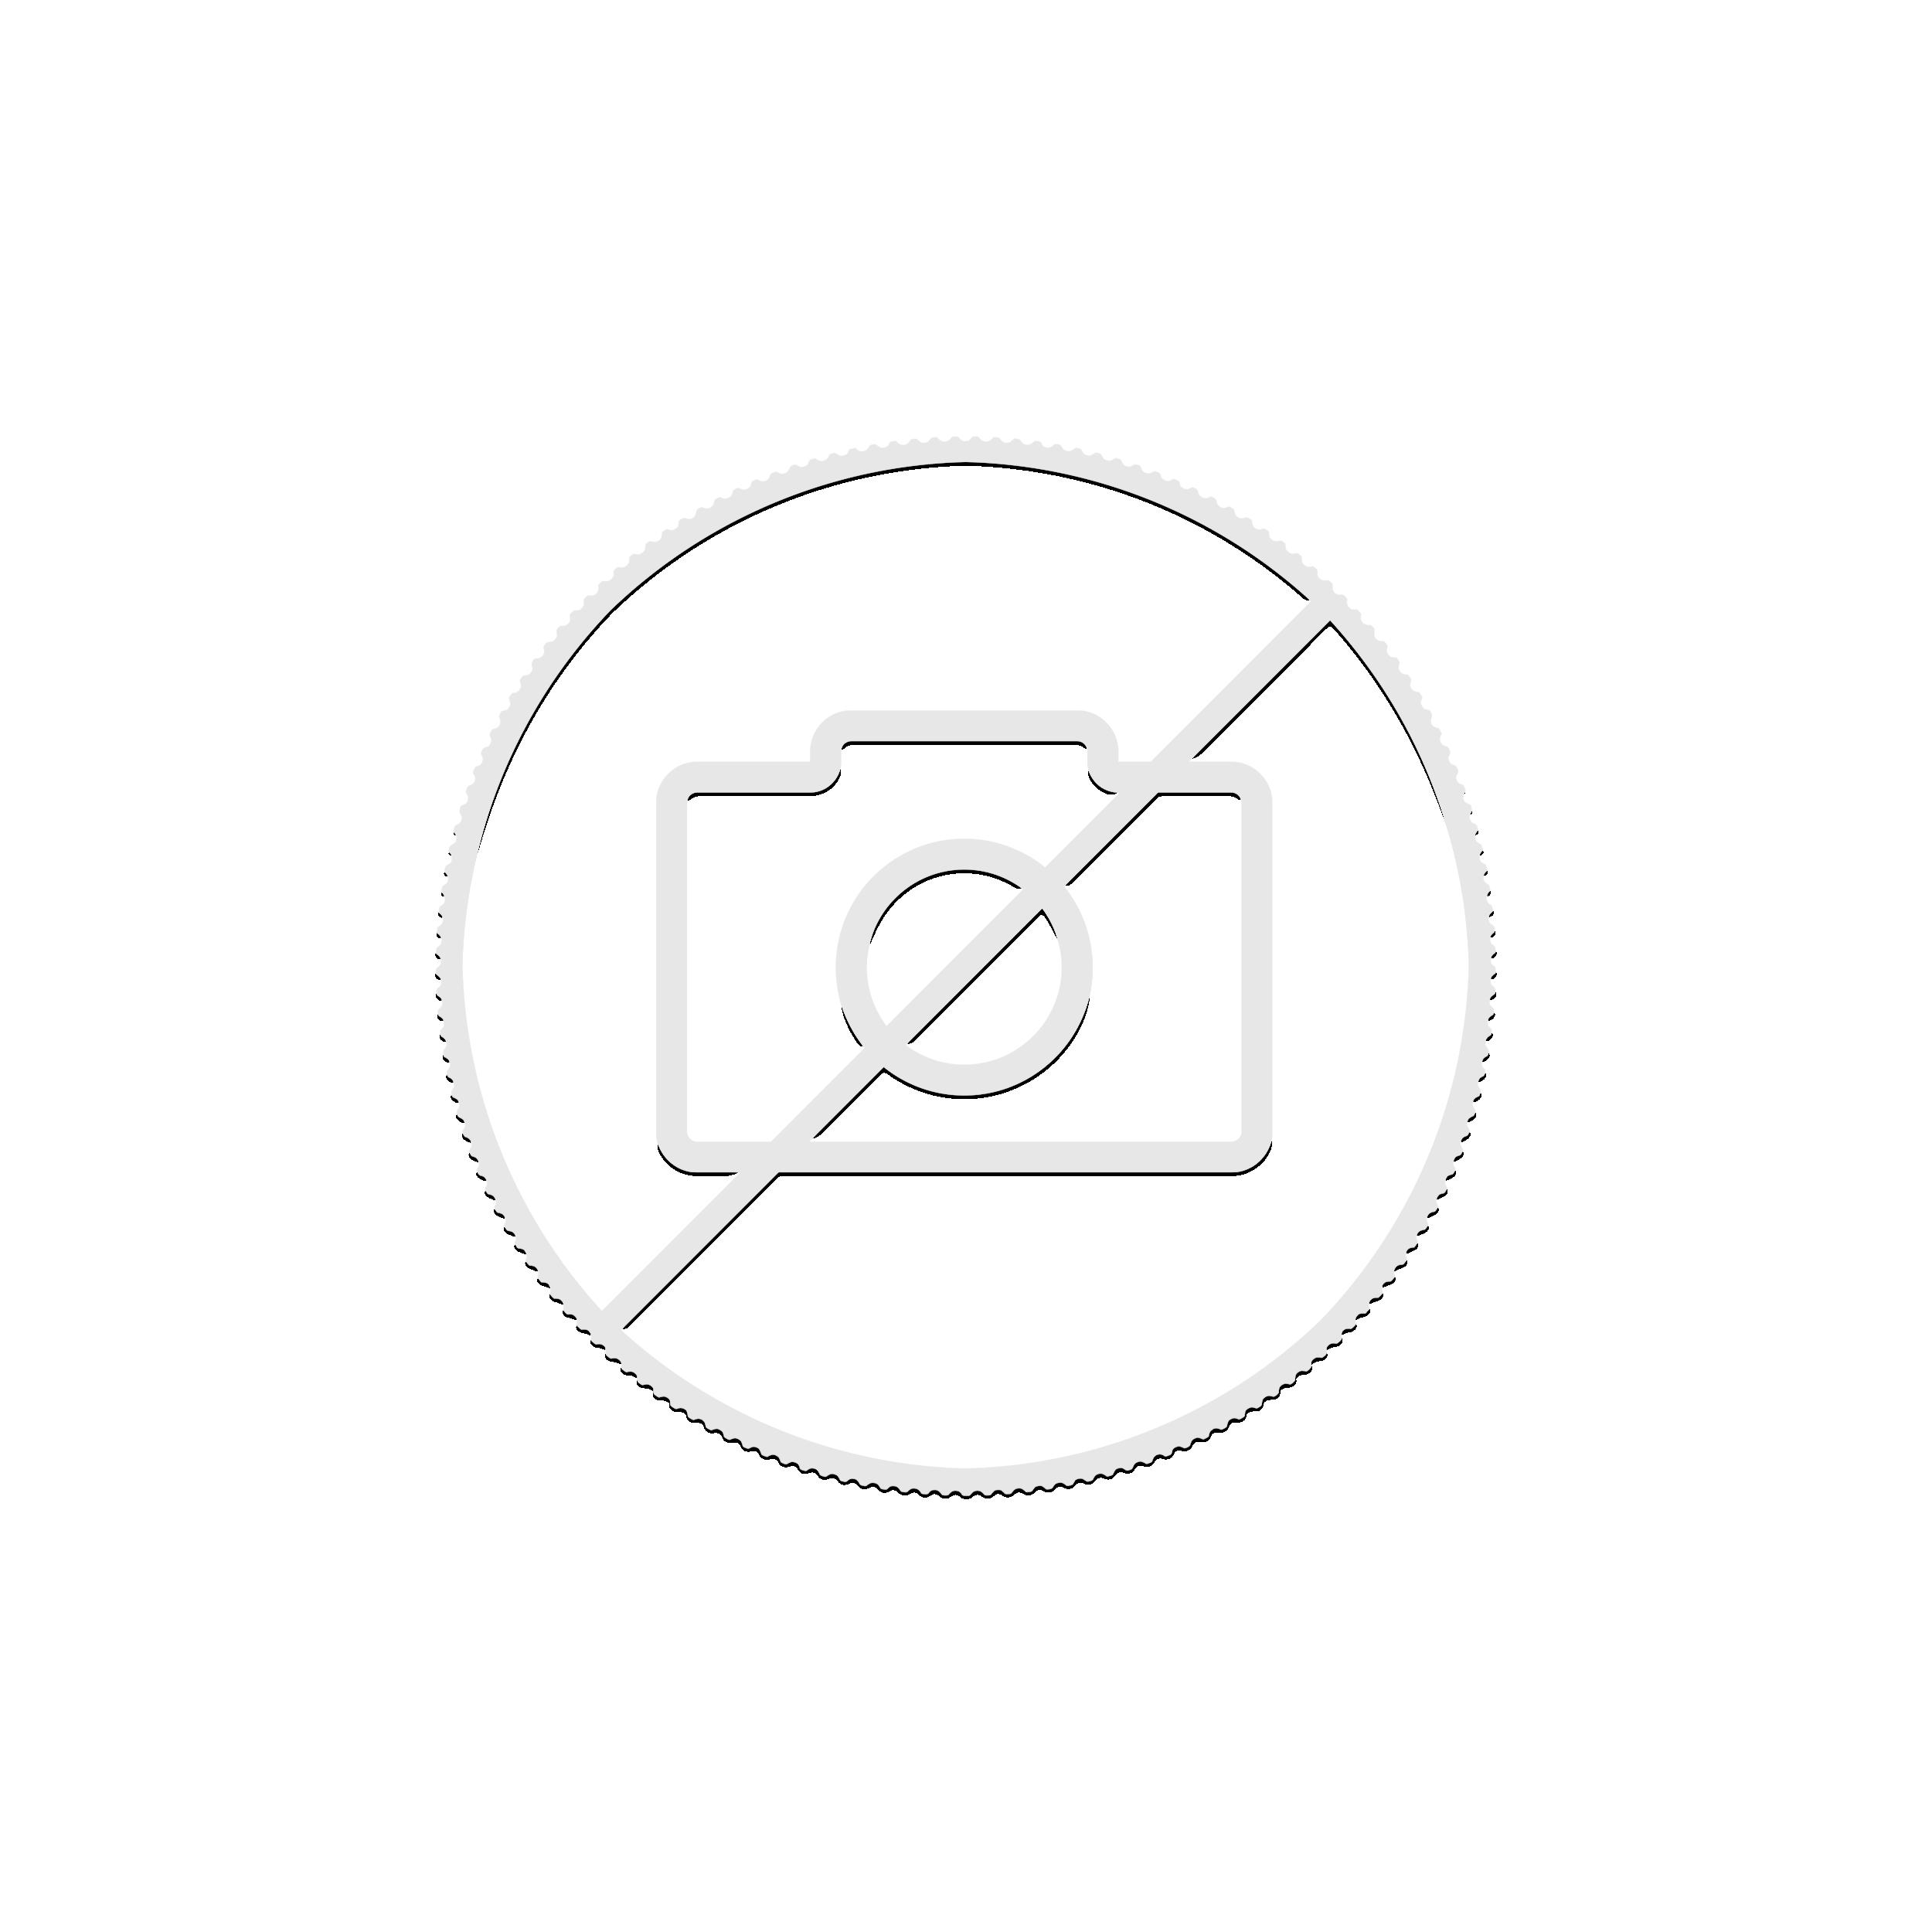 1 Troy ounce zilveren munt Emoe 2019 Proof